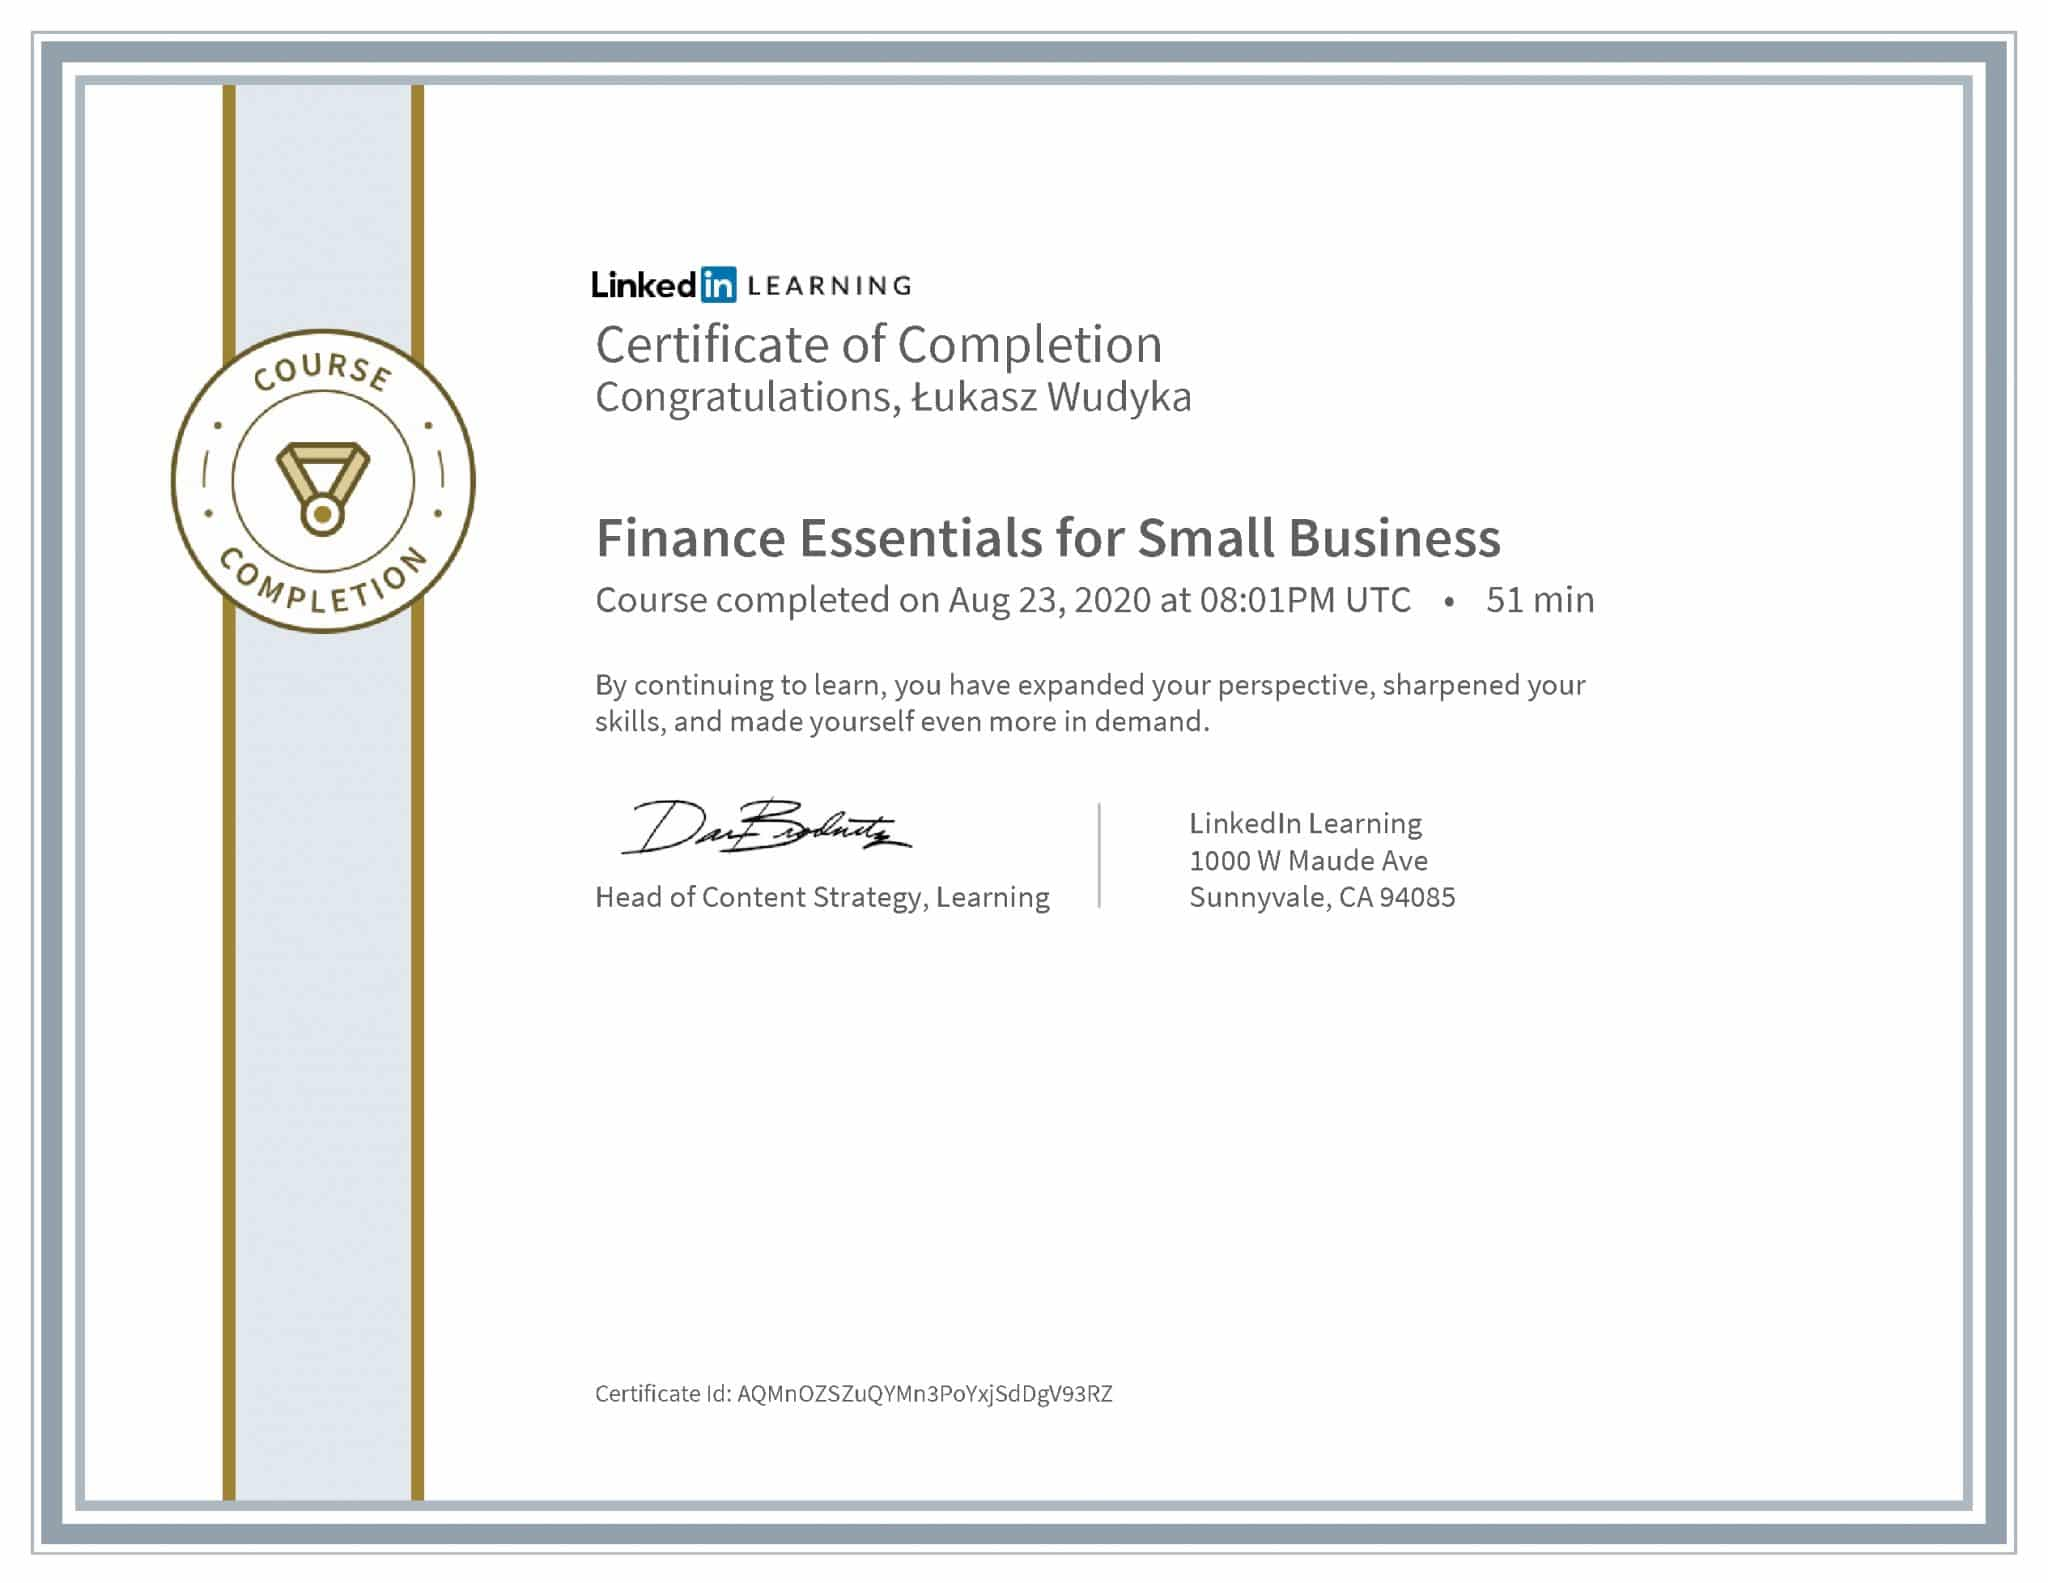 Łukasz Wudyka certyfikat LinkedIn Finance Essentials for Small Business